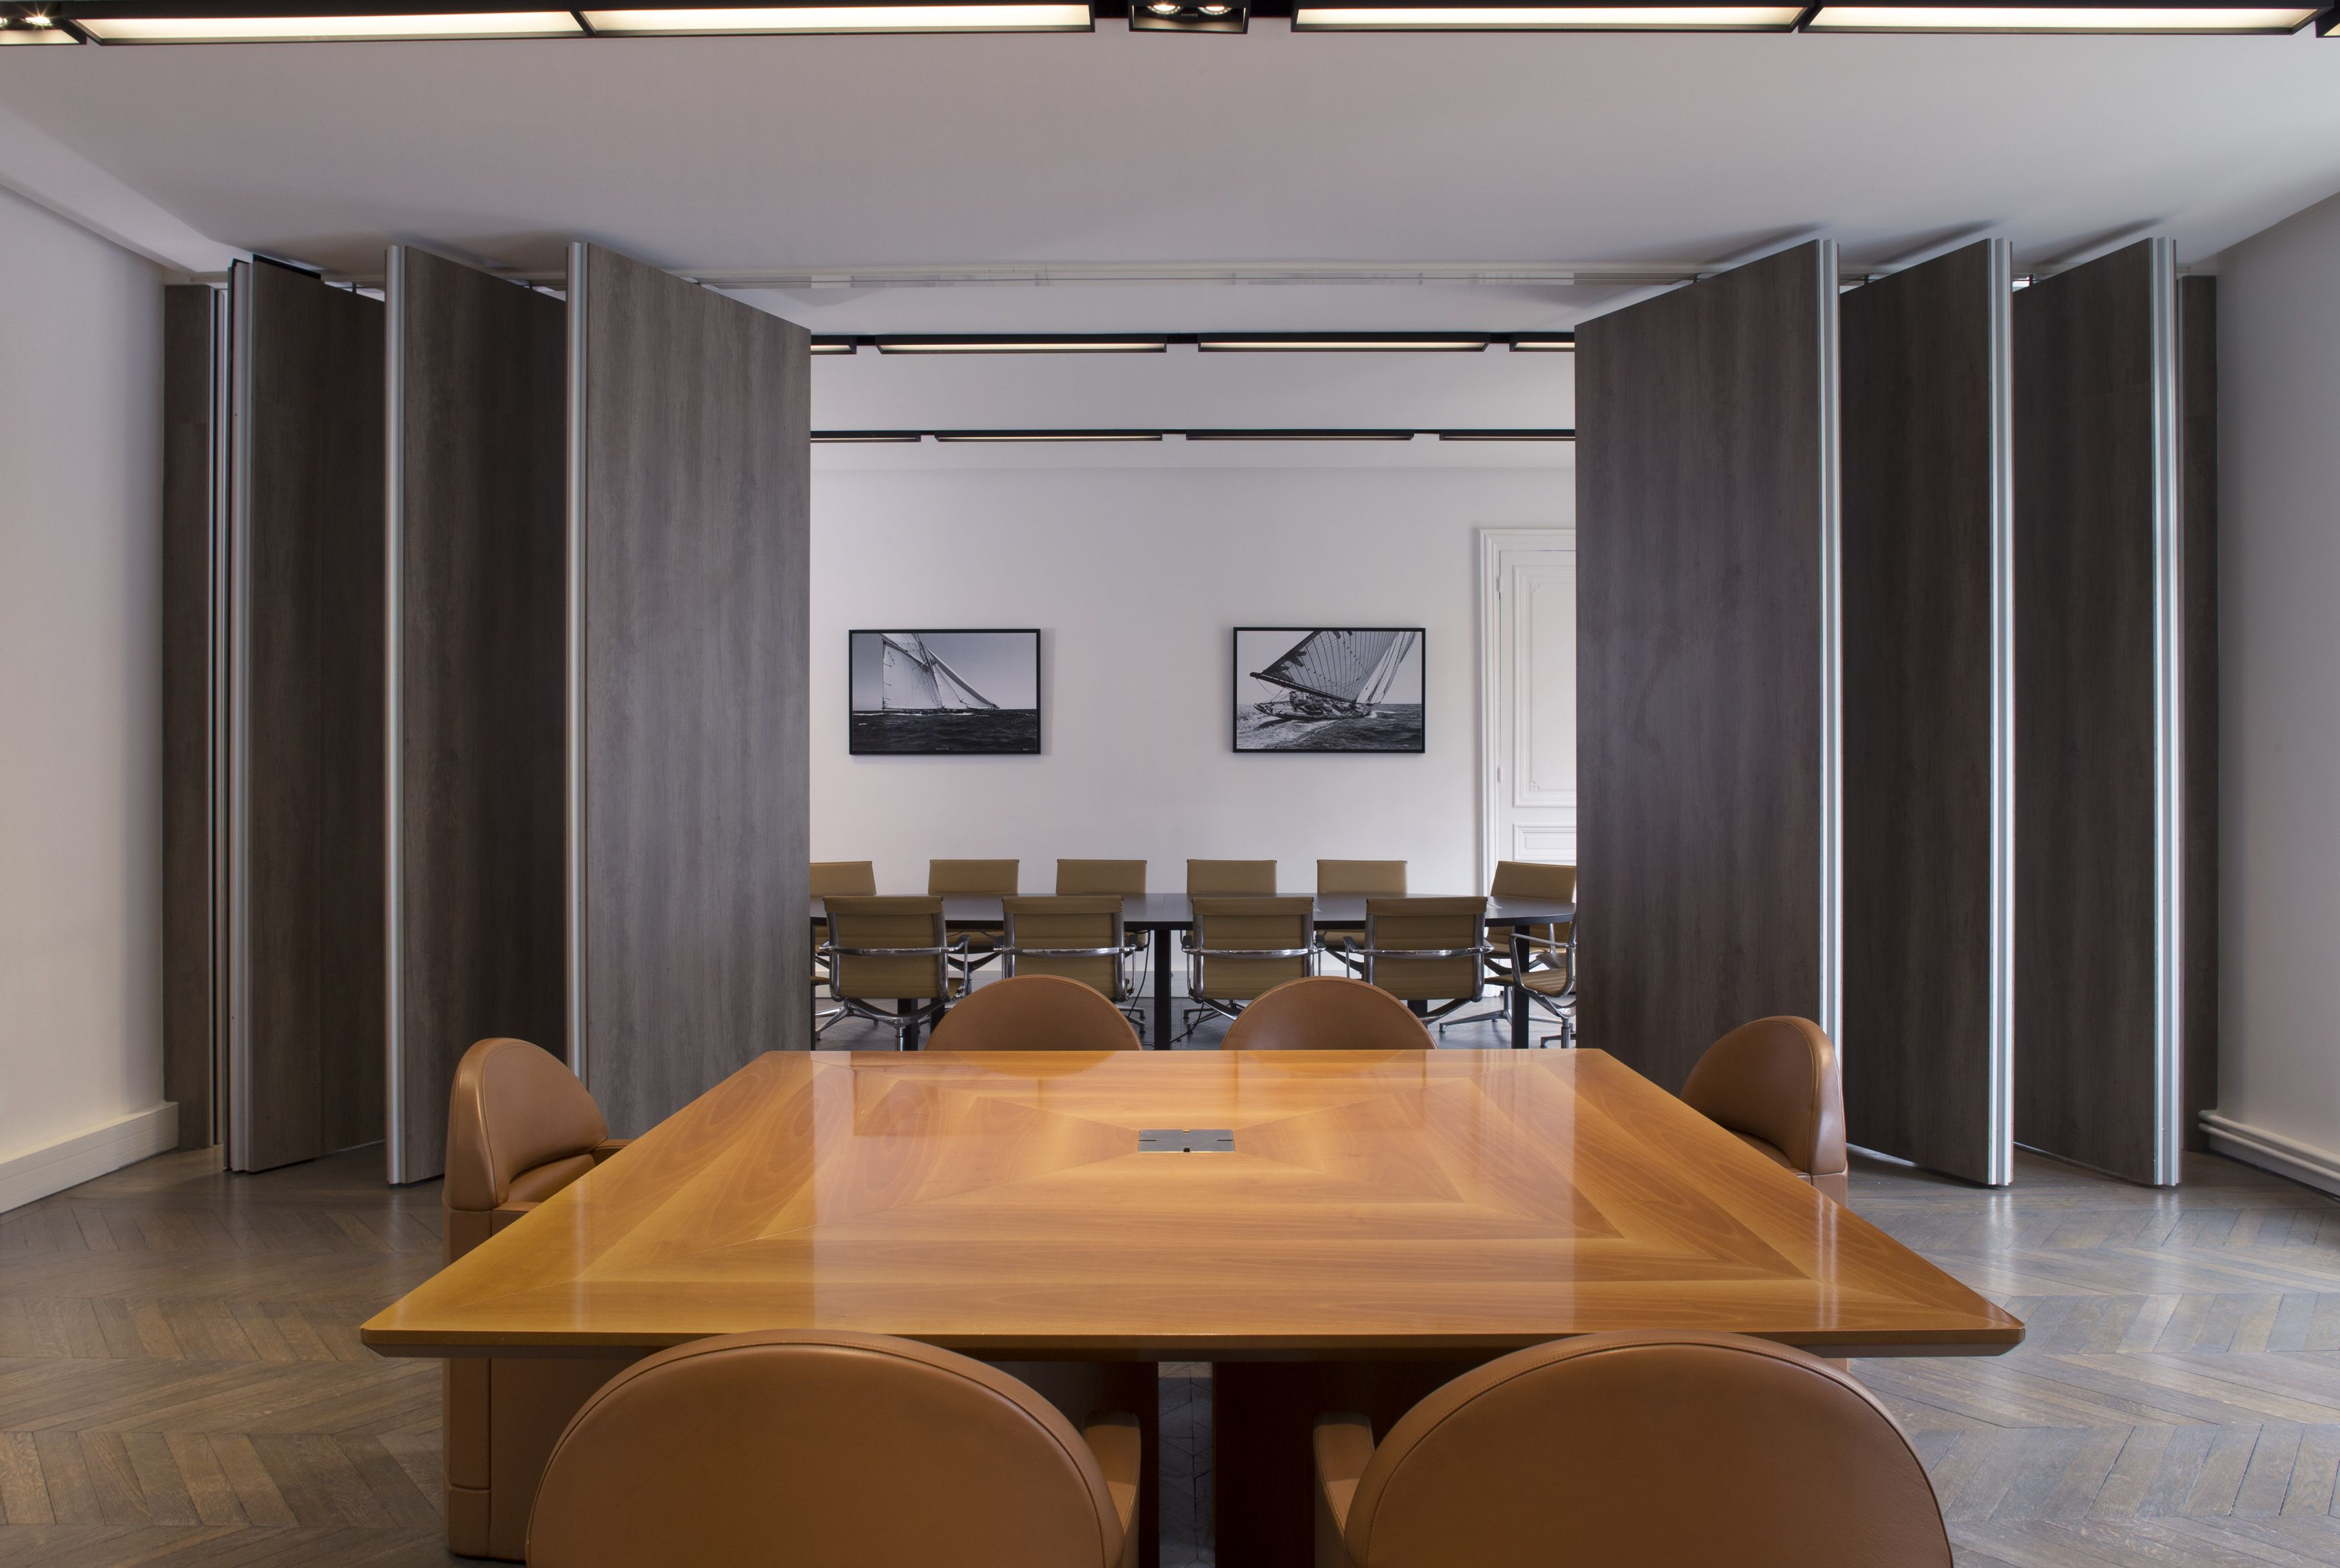 Salle de r union par cl ram style design bureau for Bureau entreprise design